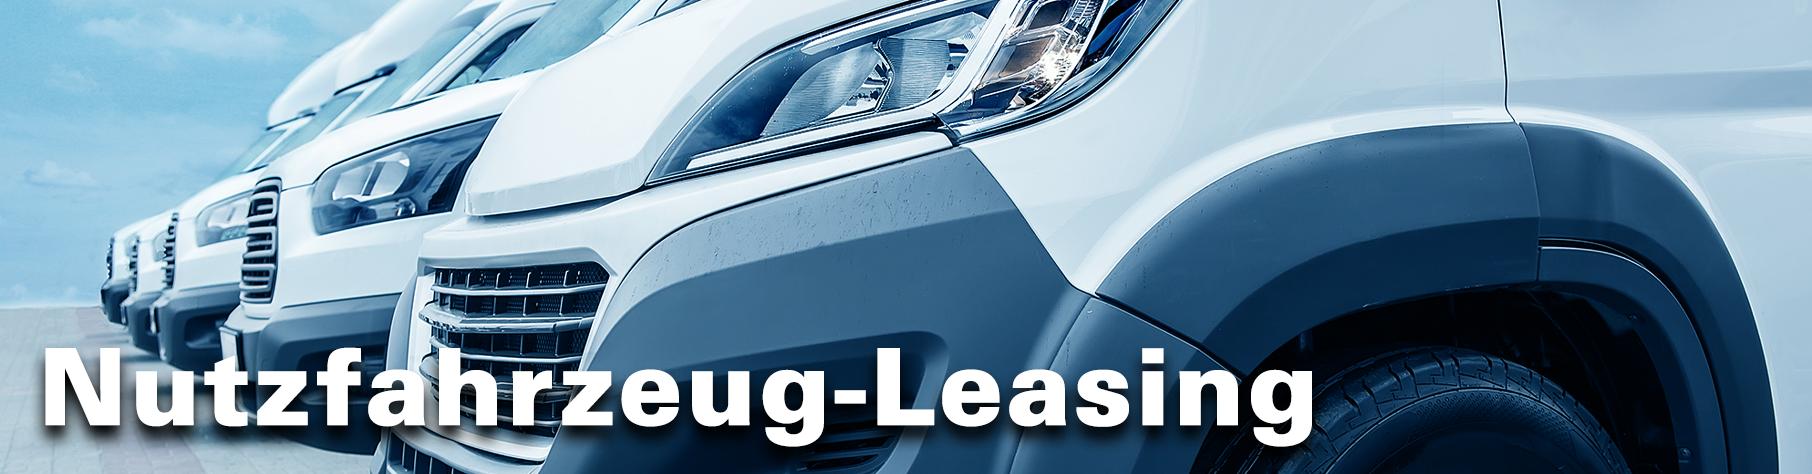 Unsere aktuellen TOP-Leasing-Angebote für Nutzfahrzeuge